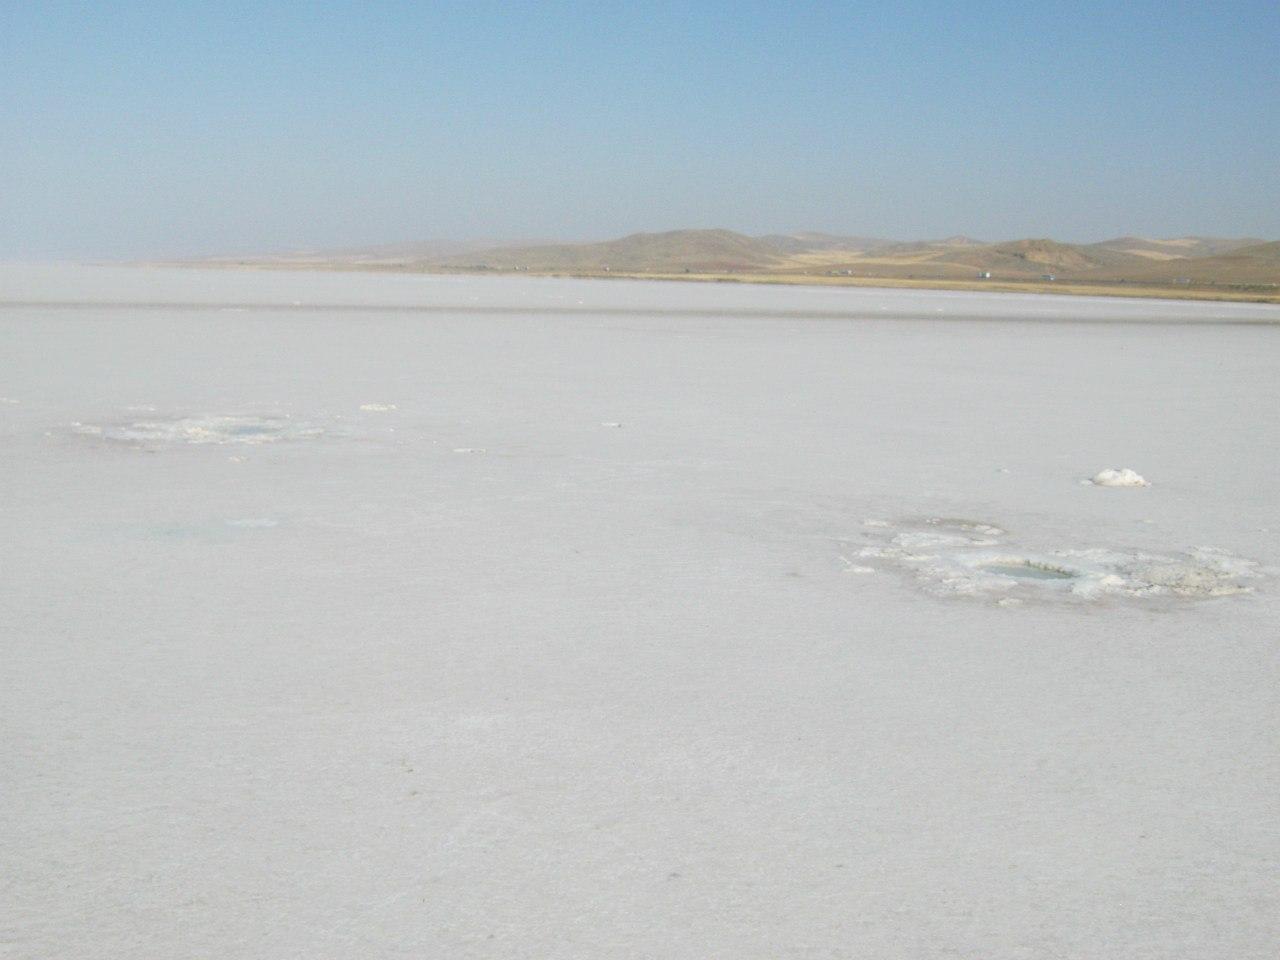 На озере Туз - сплошное царство соли